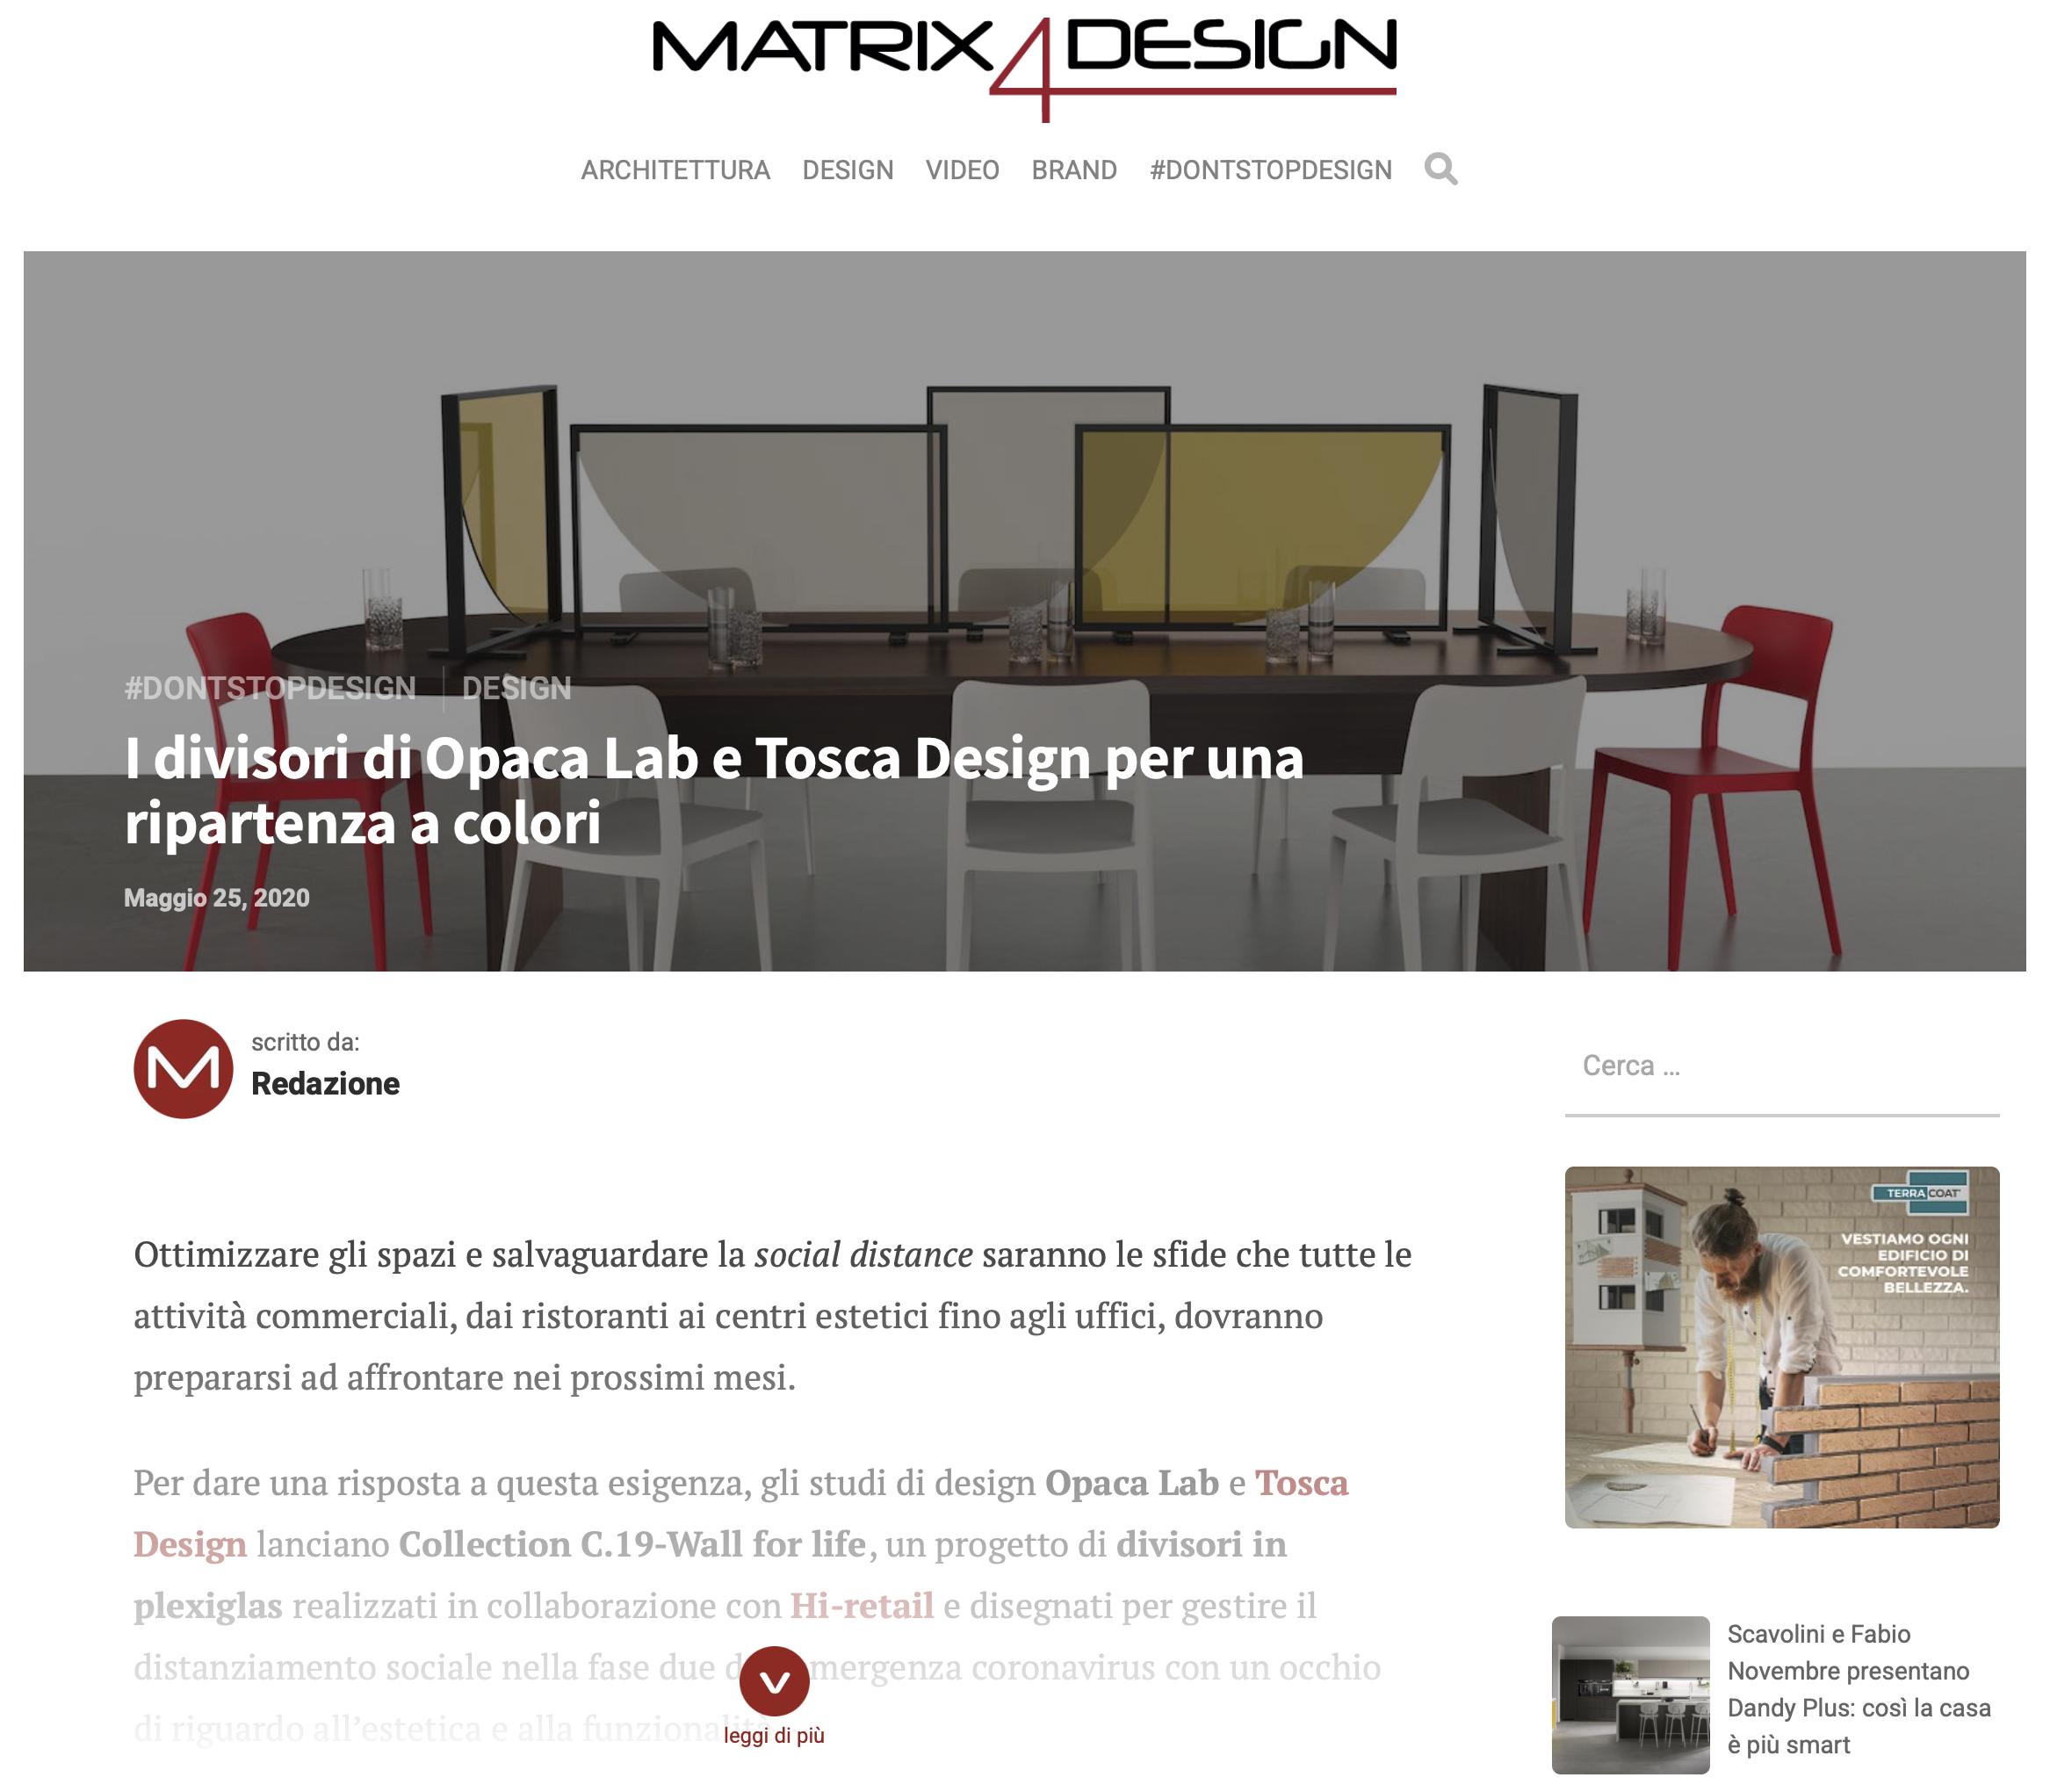 matrix4design.com